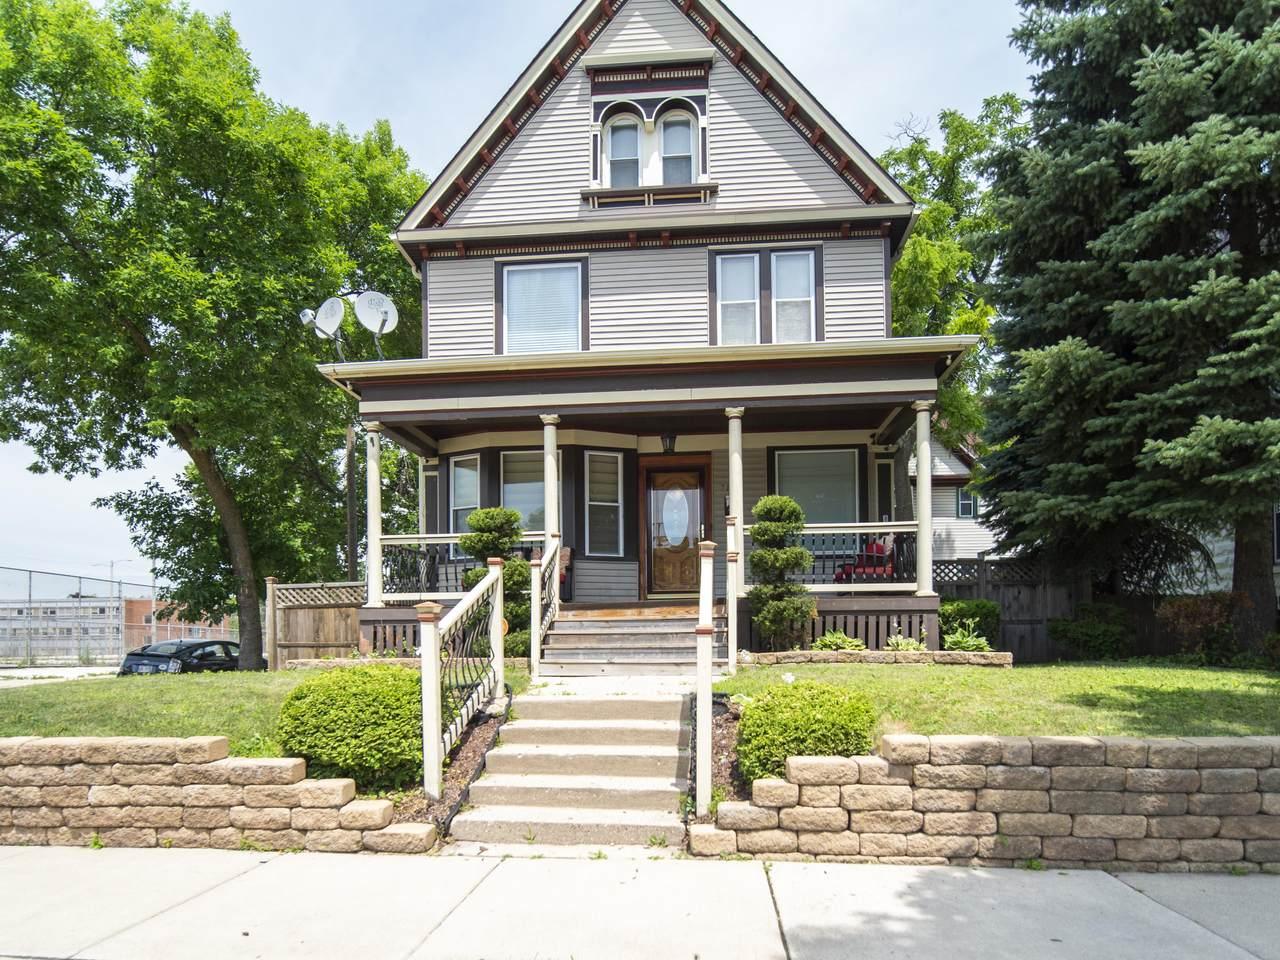 2132 Highland Ave - Photo 1